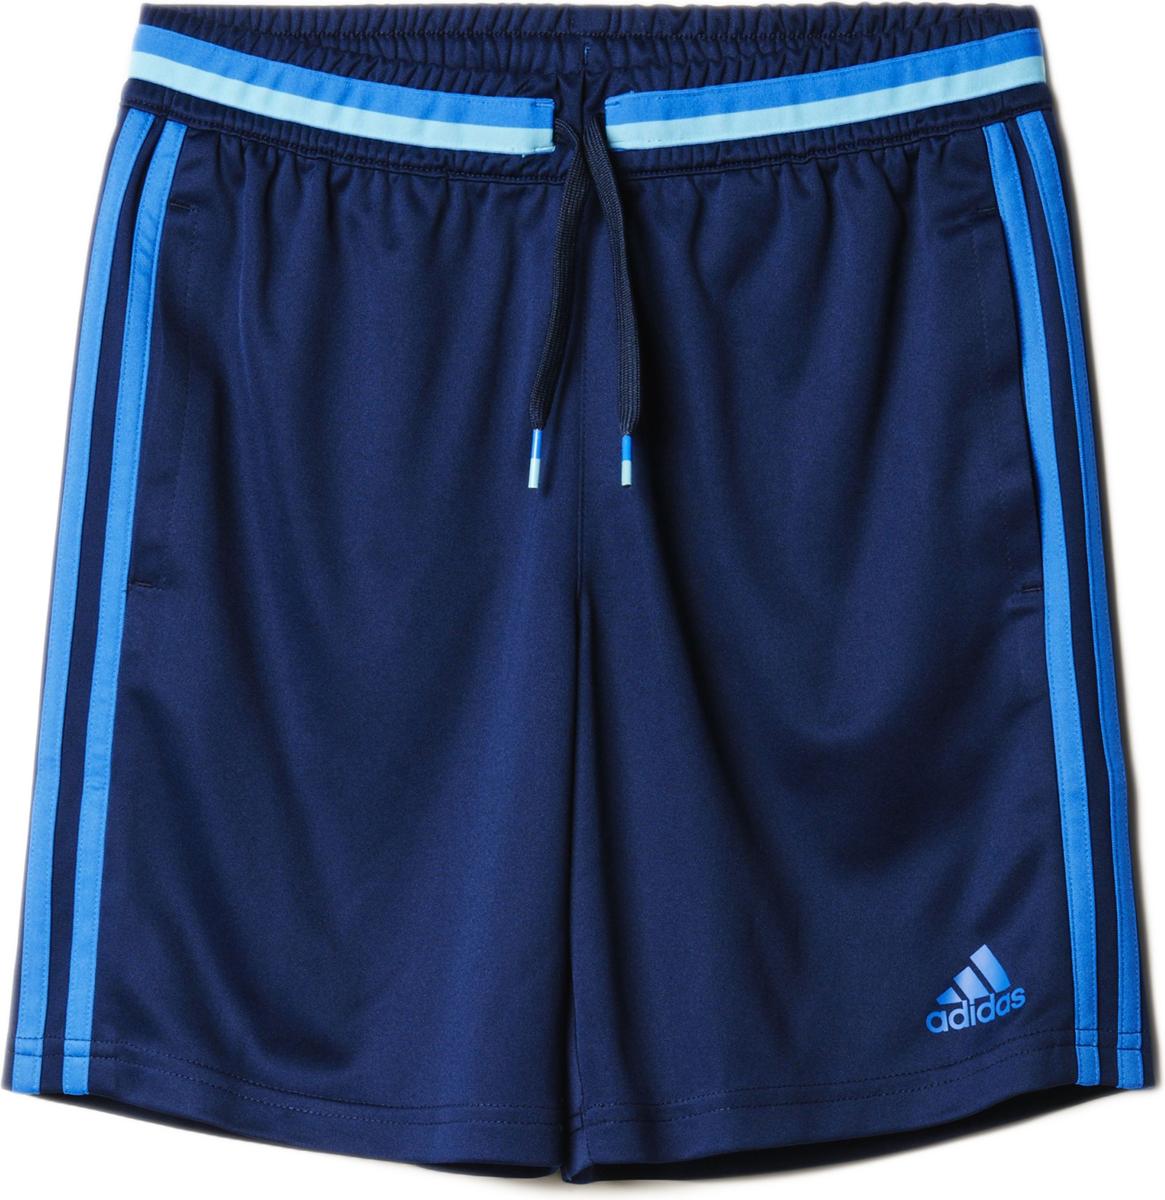 Шорты для мальчика Adidas Con16 Trg Sho Y, цвет: синий. AB3115. Размер 164 шорты adidas боксёрские боксерские amateur boxing shorts красные размер s артикул aditb152